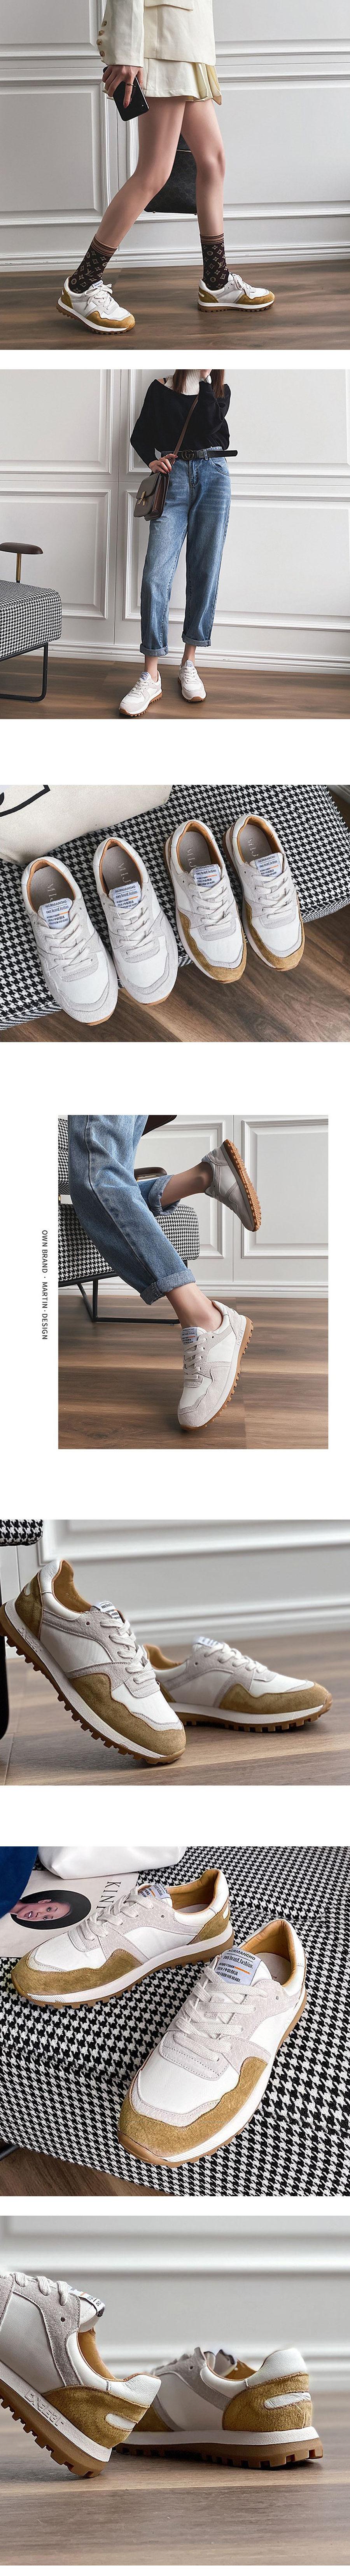 韓版暖色復刻版休閒鞋